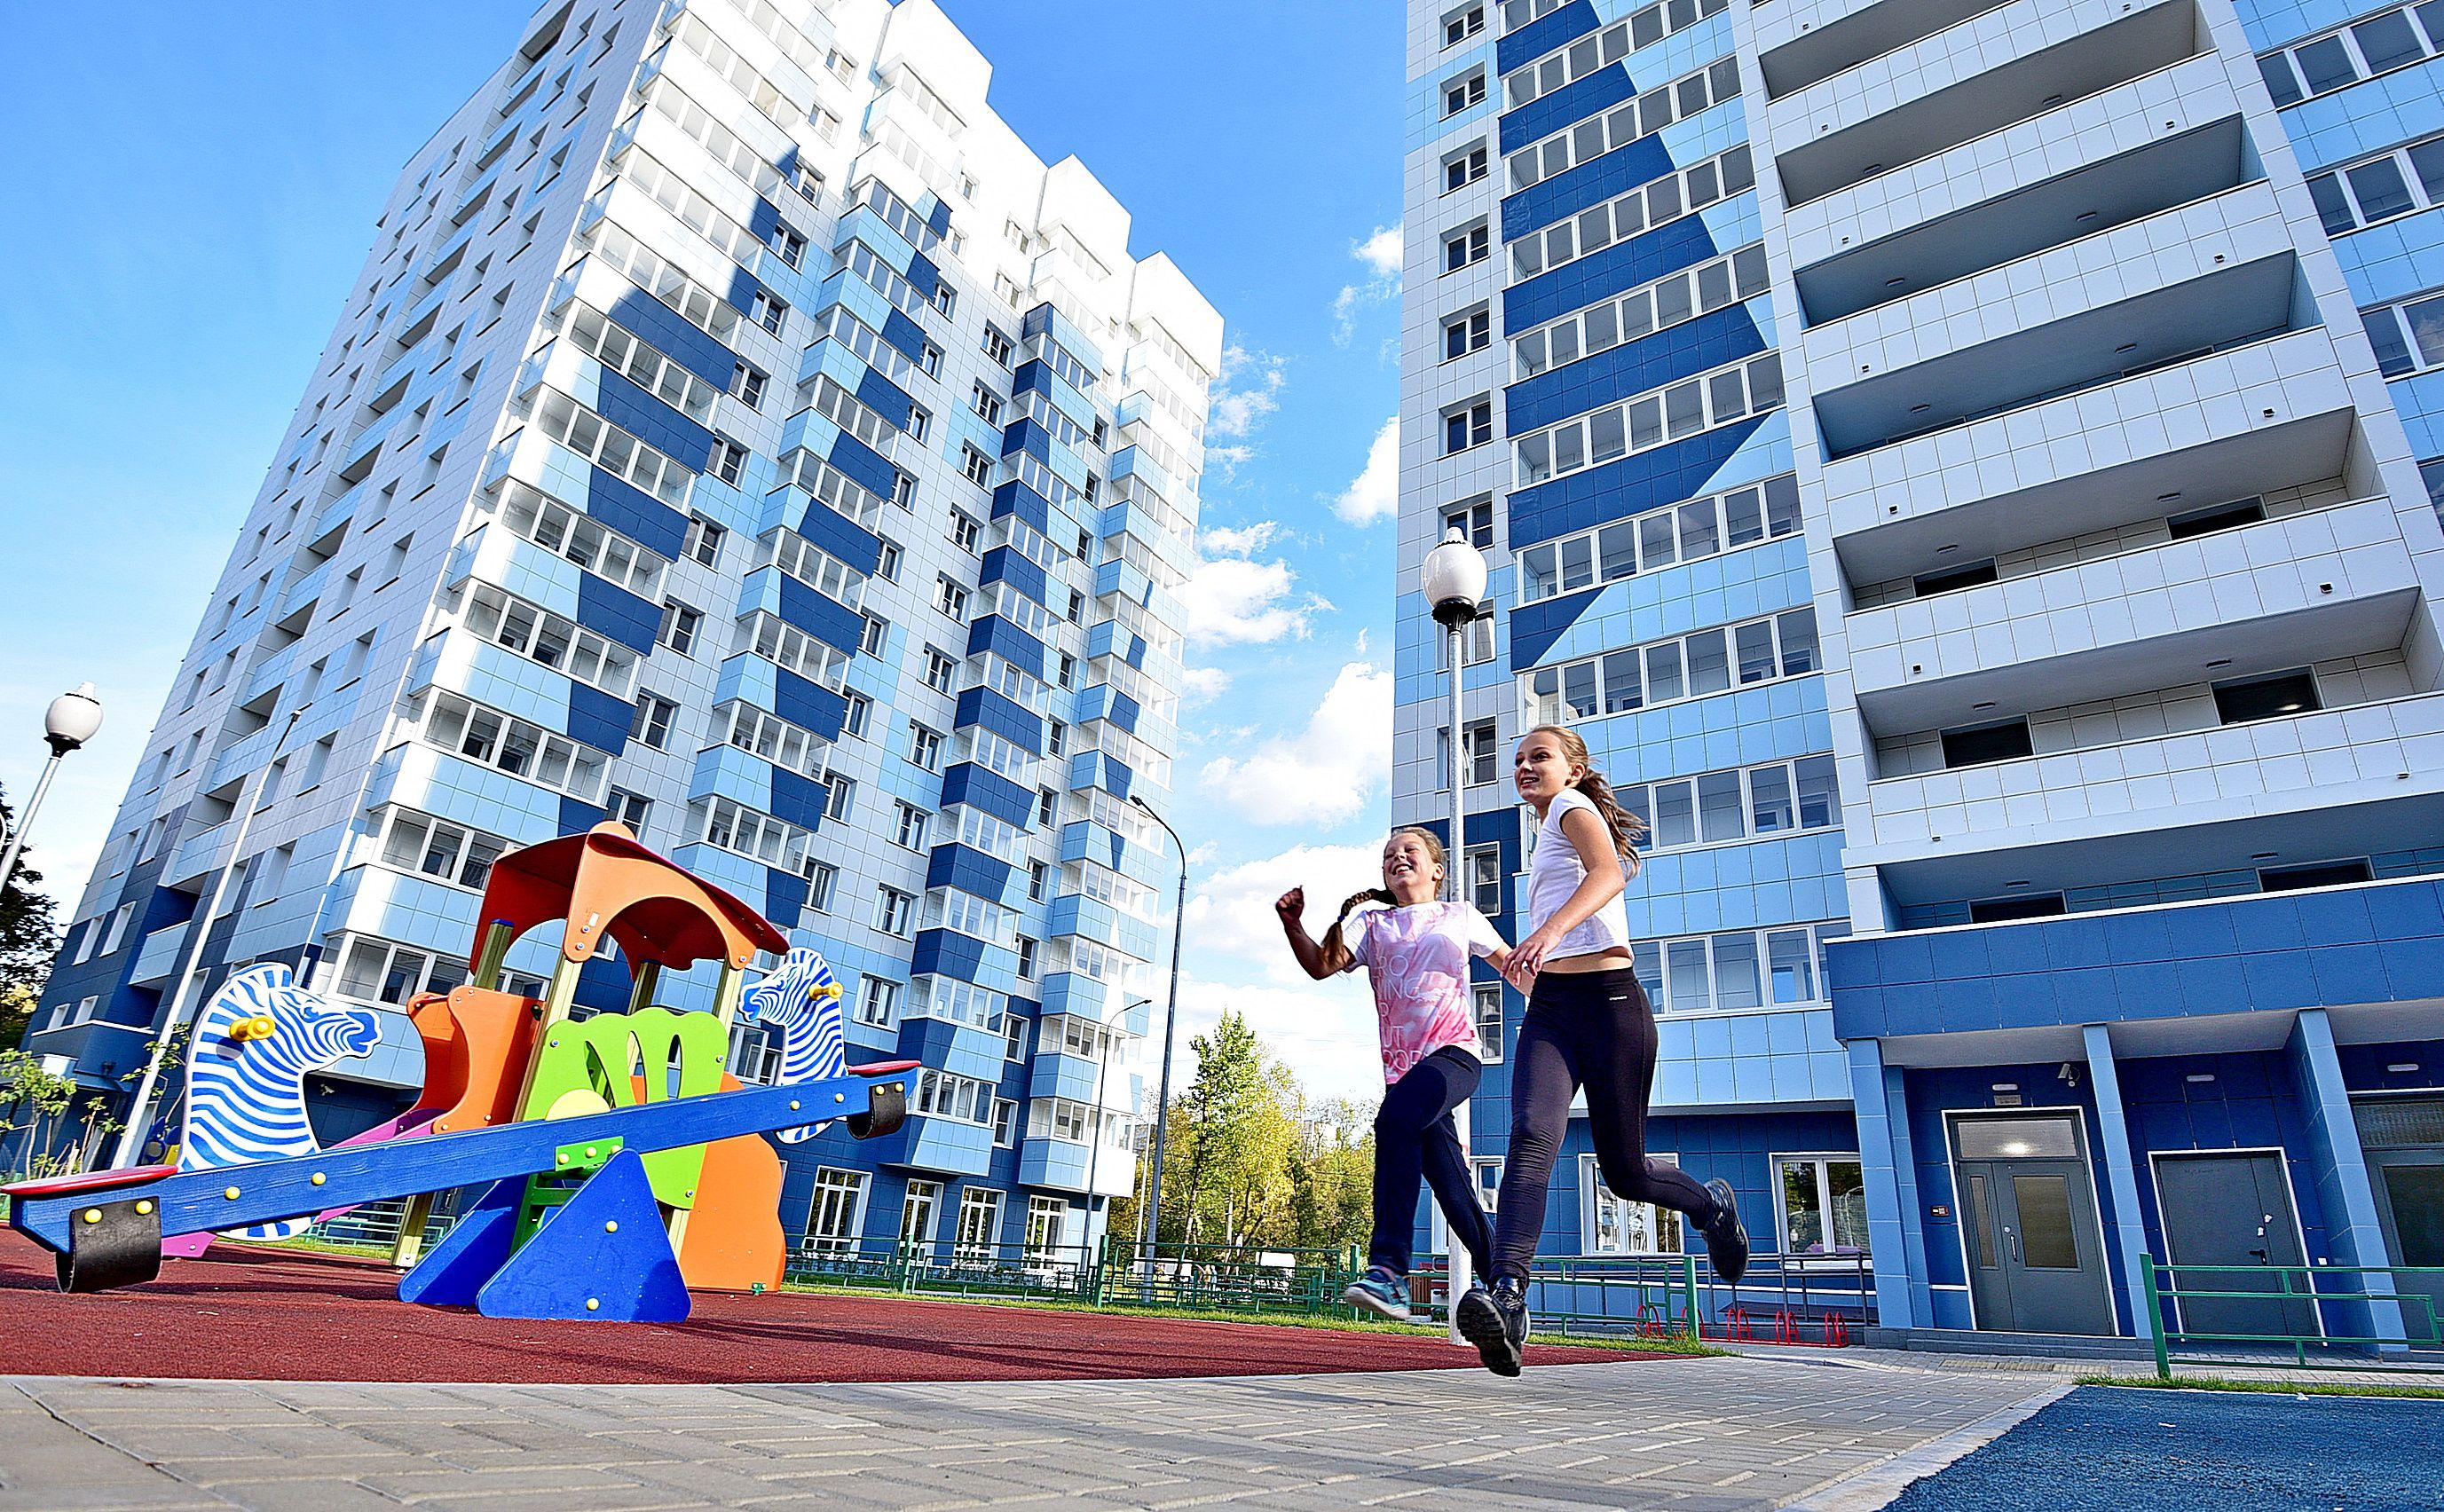 10 мая 2019 года. Школьницы Катя Романова и Соня Крымова (слева направо) во дворе дома № 17 на Судостроительной улице. Фото: Пелагия Замятина